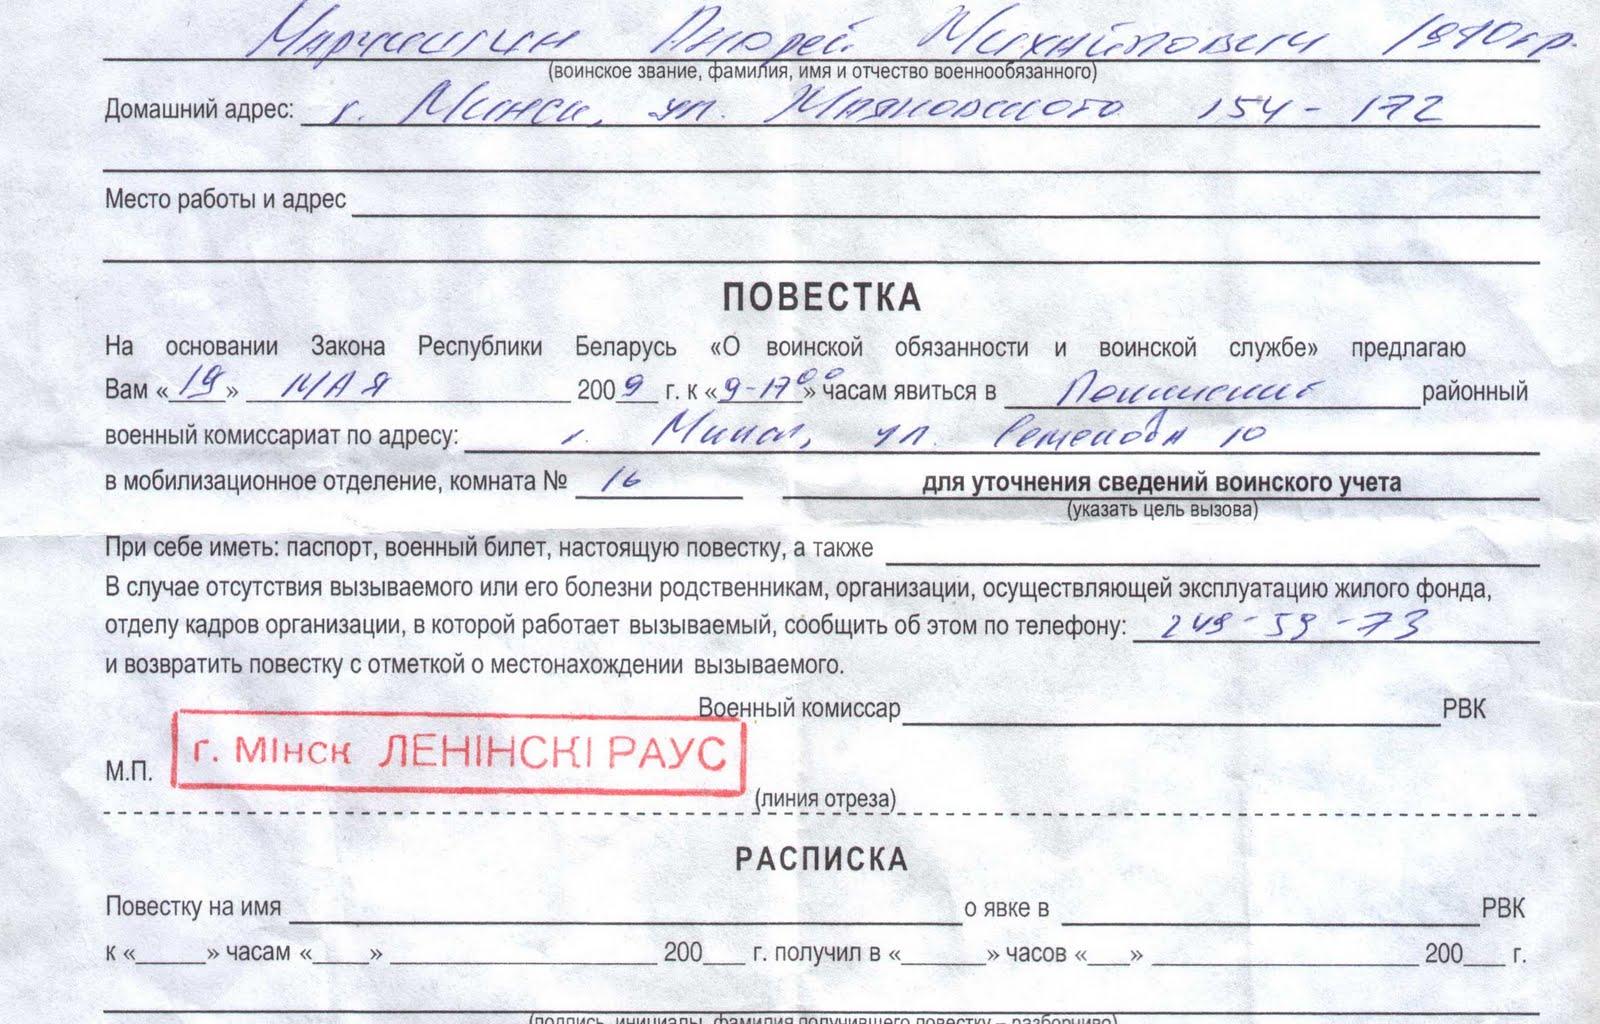 бланк ходатайства в военкомат беларусь